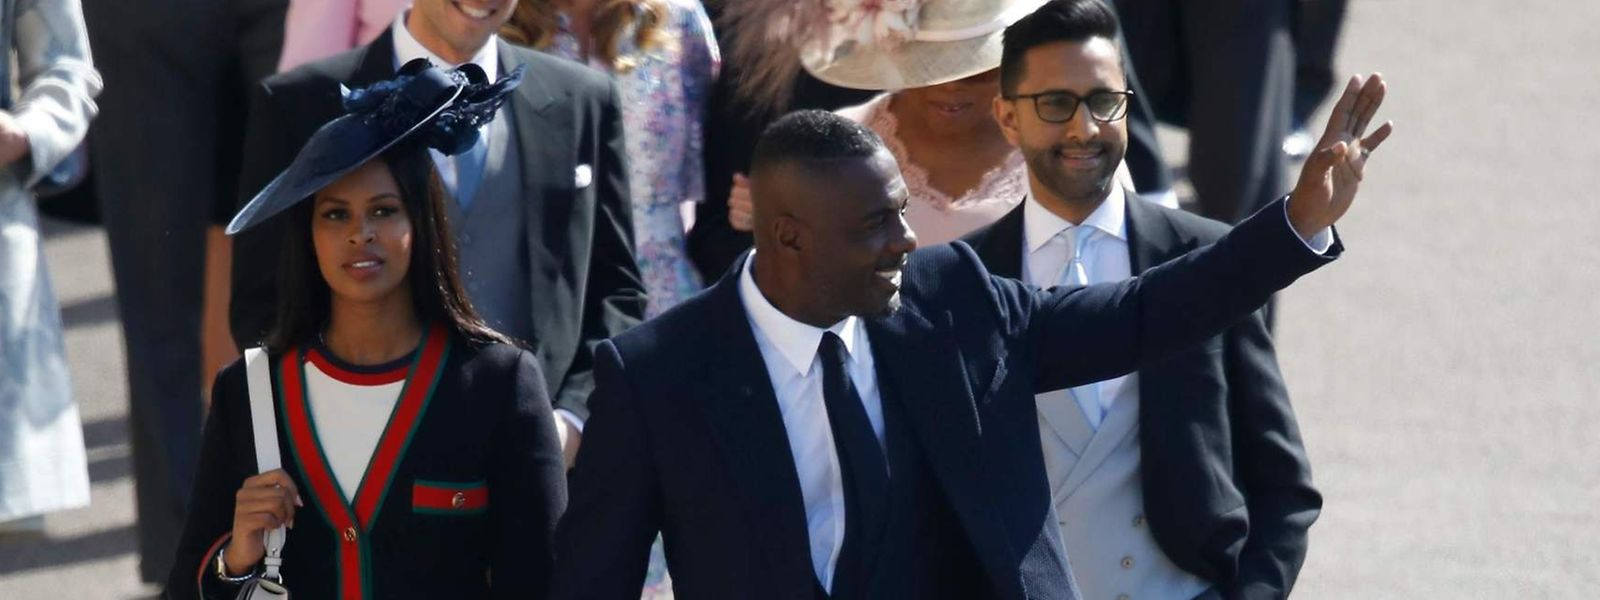 Schauspieler Idris Elba mit seiner Verlobten Sabrina Dhowre - die Aufnahme entstand bei der Hochzeit von Prinz Harry.